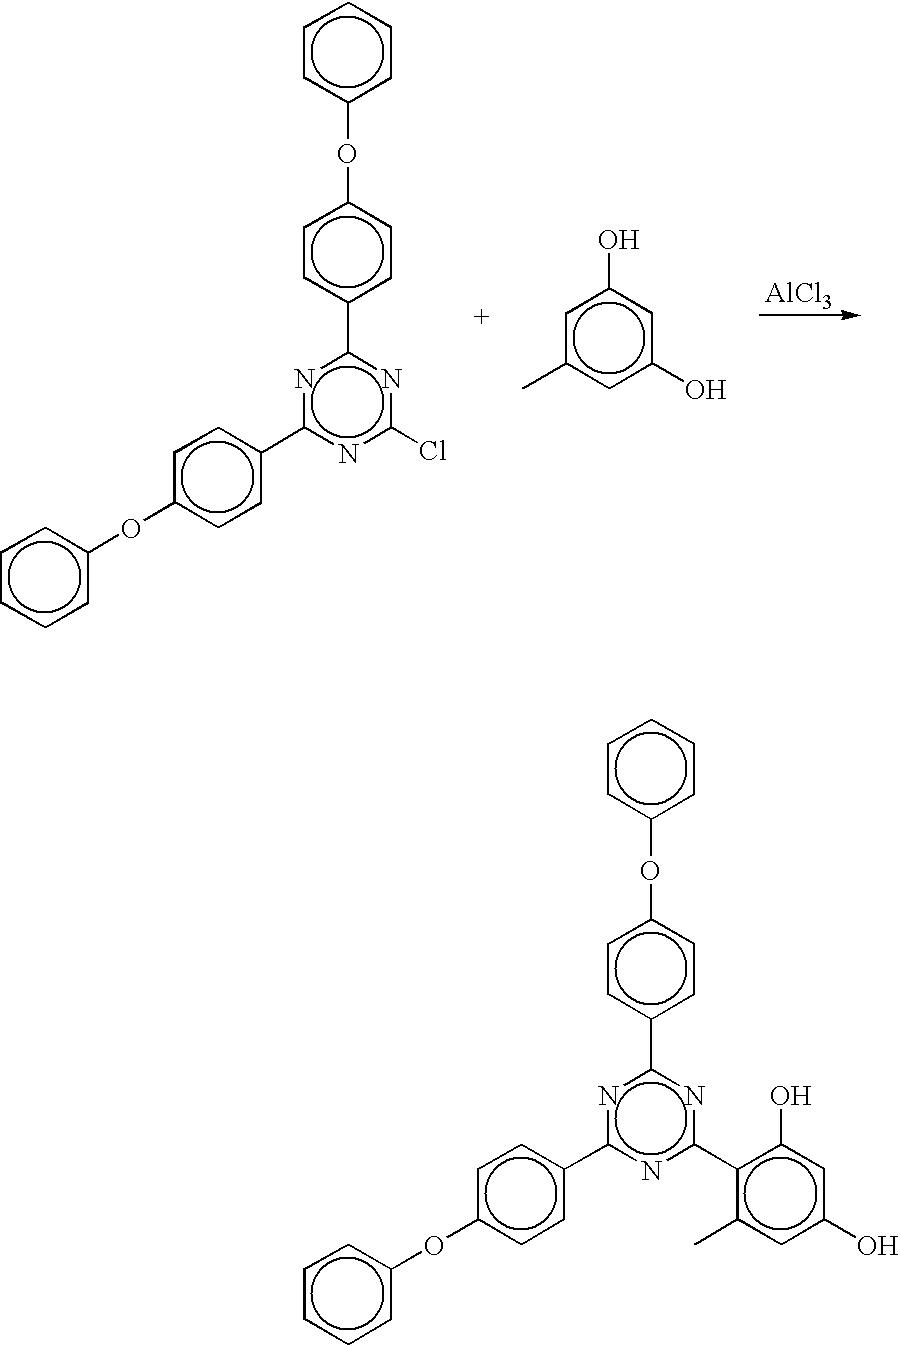 Figure US06855269-20050215-C00025